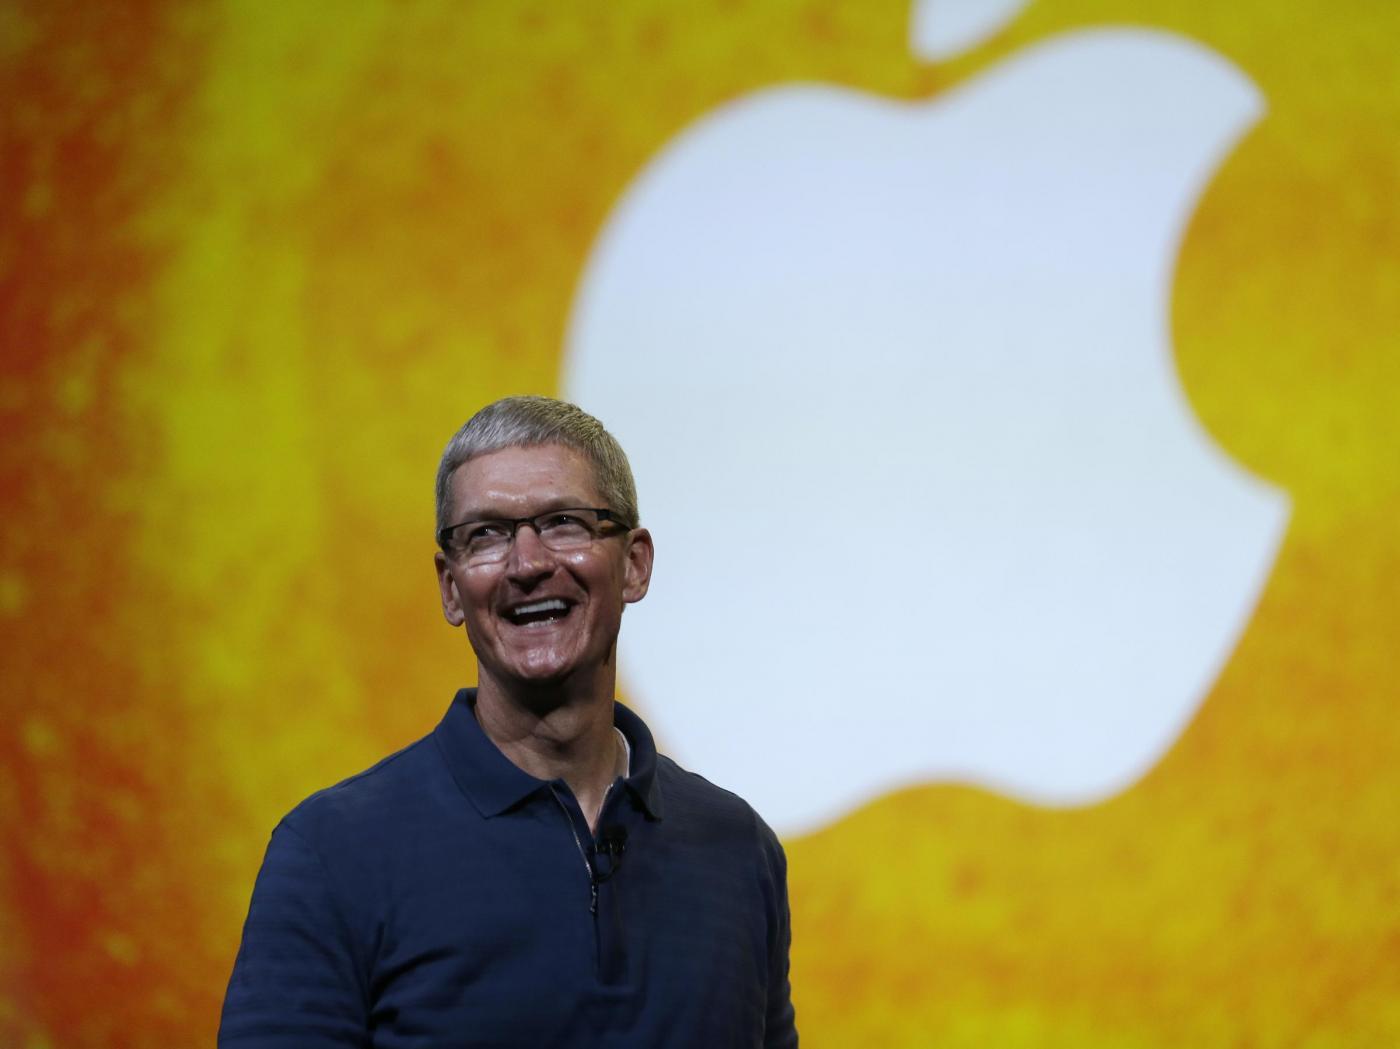 Tim Cook di Apple è il CEO più pagato d'America